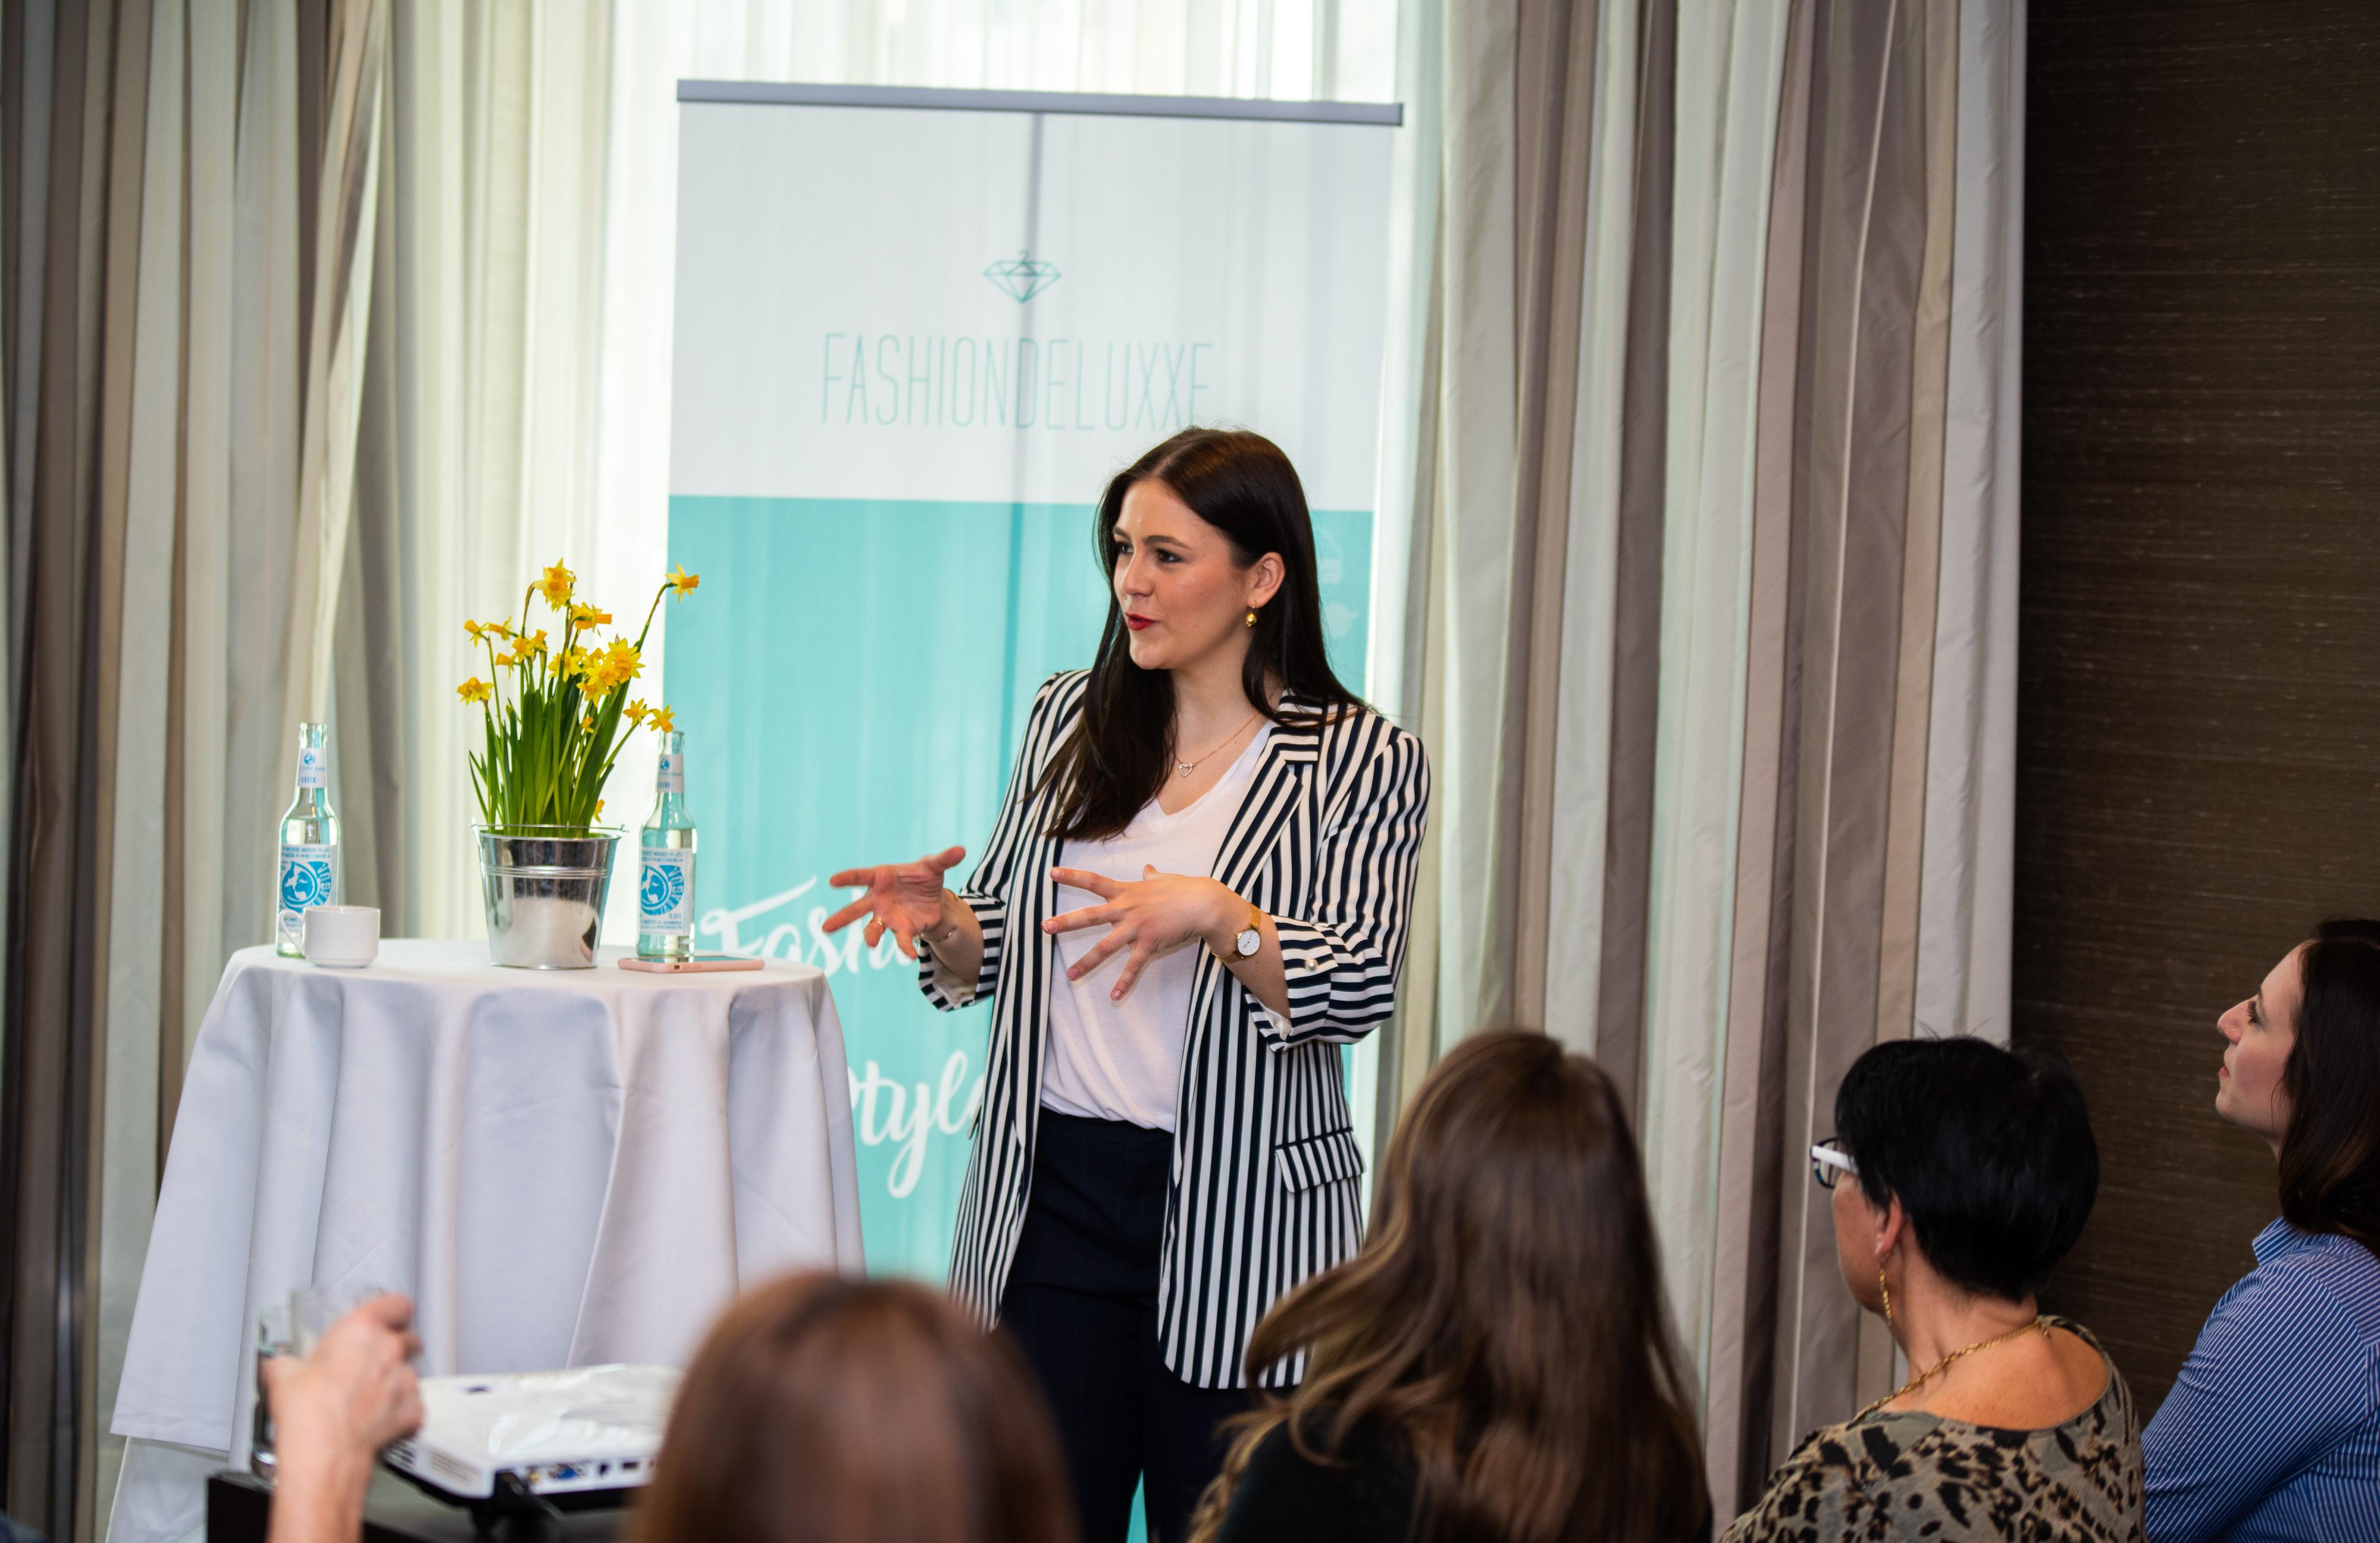 Networking Deluxe by Mediadeluxe! Die Fashiondeluxxe Style Party - Edition: Business bot den Business Women in München eine stilvolle Plattform für's Netzwerken - Moderation